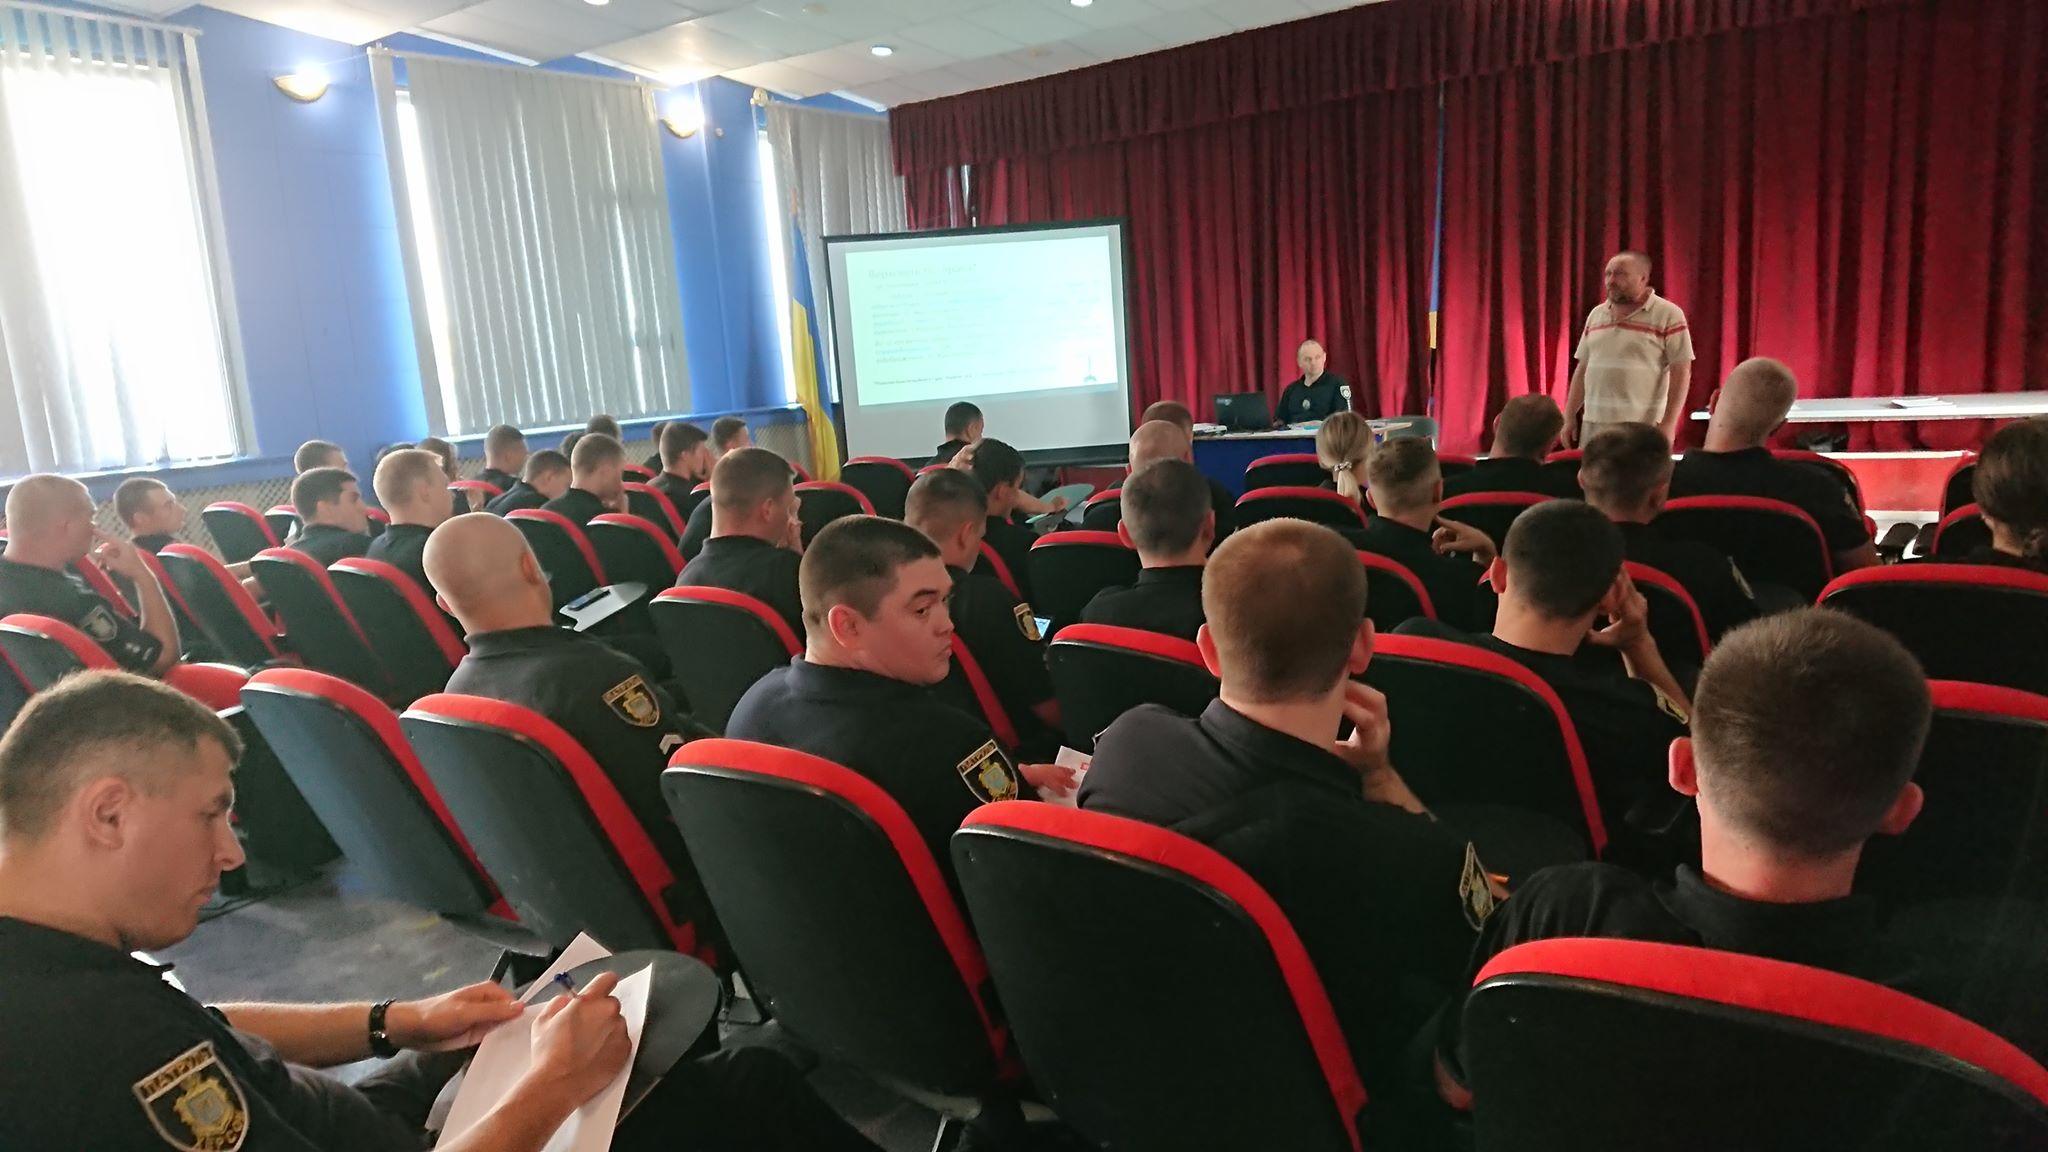 Херсонська поліція підвищує обізнаність з питань толерантності та верховенства права